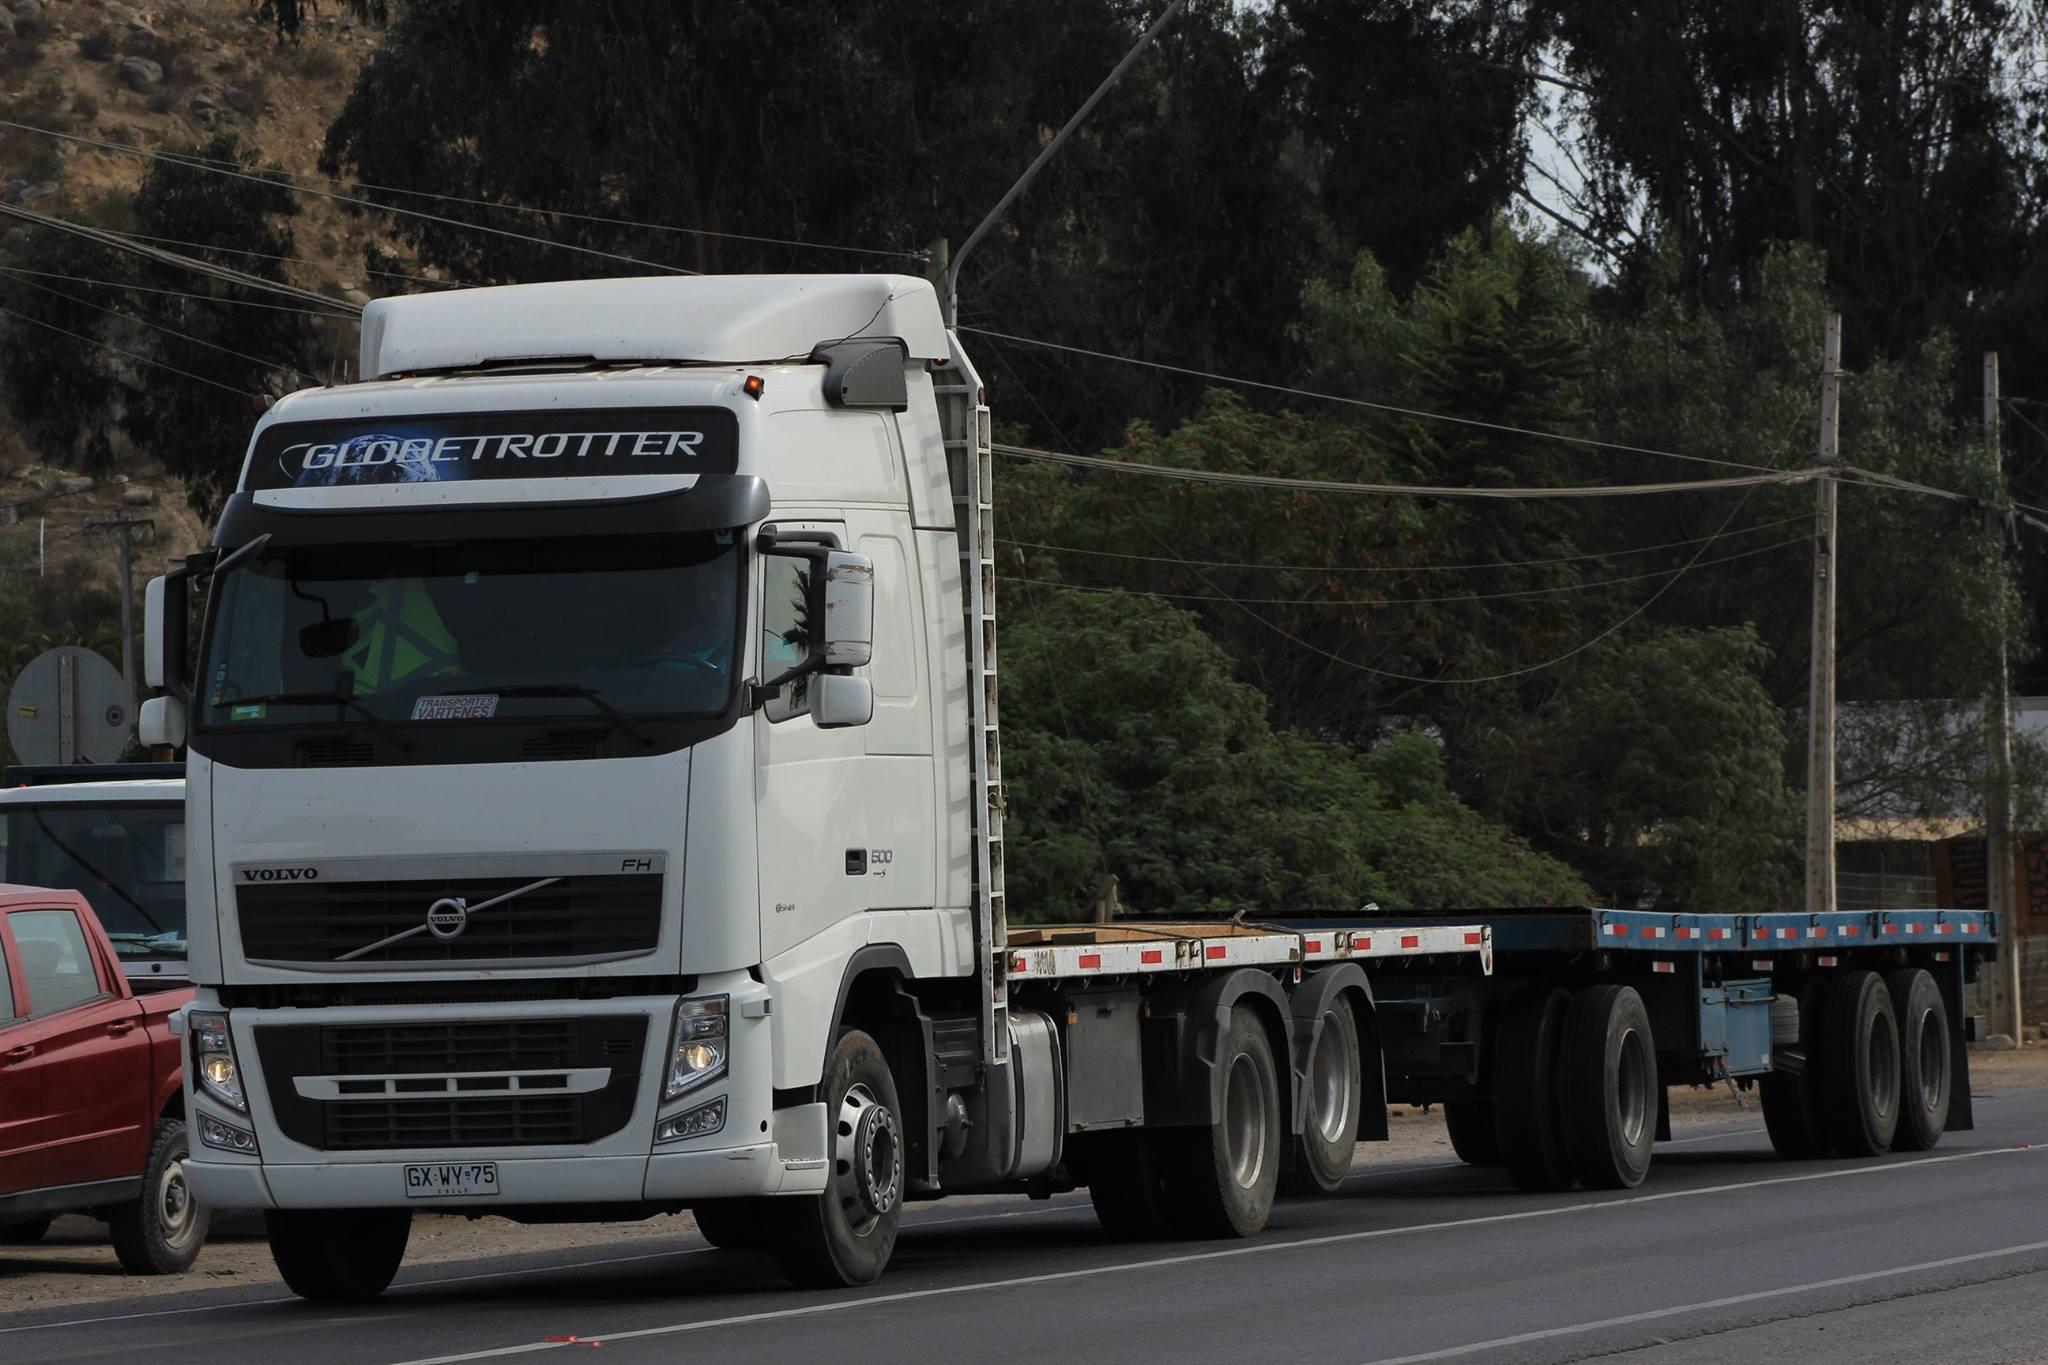 Volvo-FH-500-Globetrotter--2015--Transportes-Vartenes